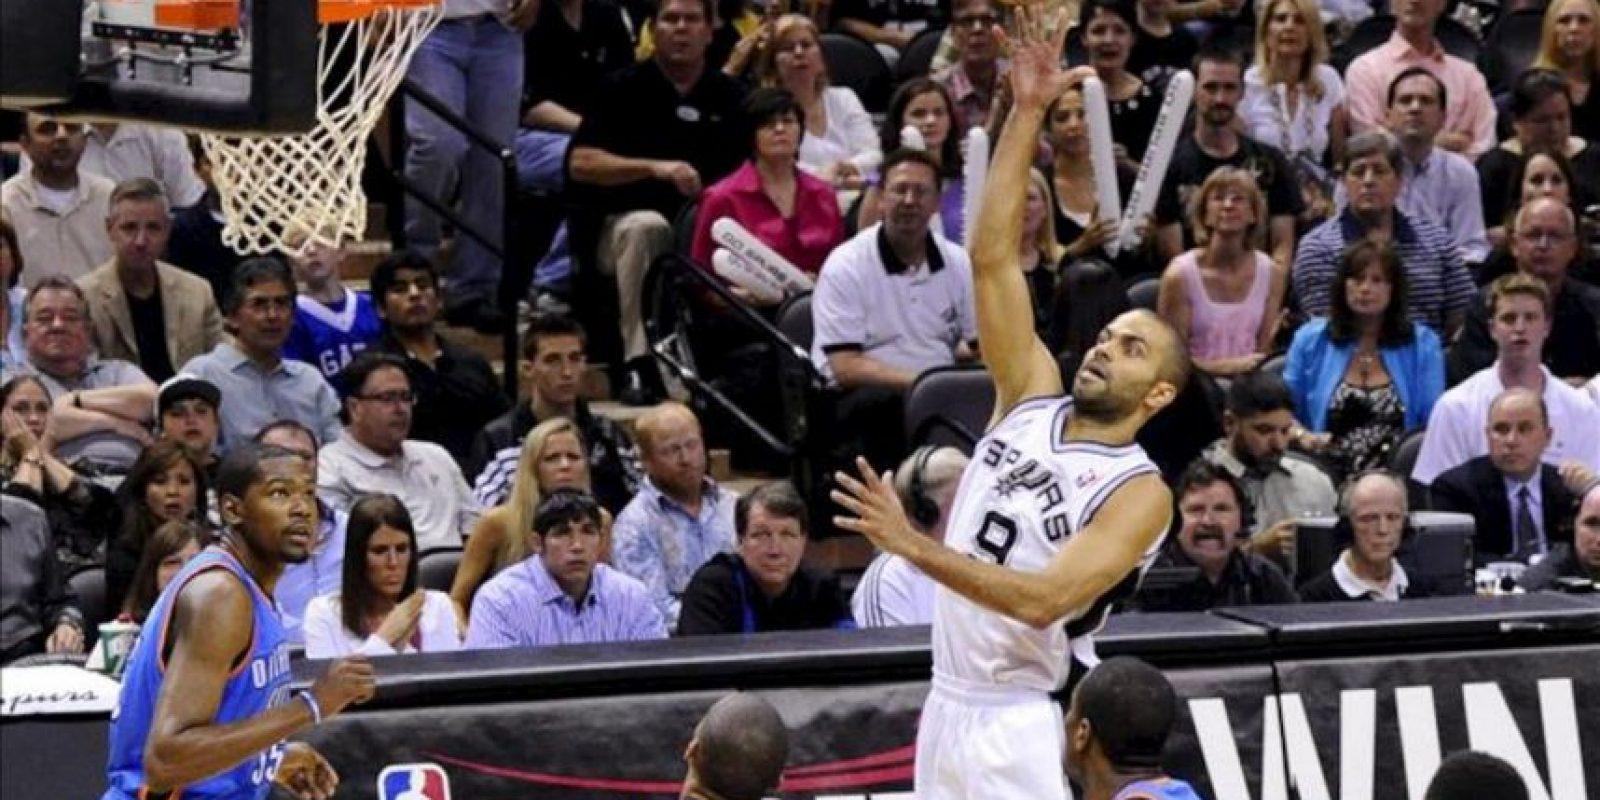 El jugador de los Spurs de San Antonio Tony Parker (c) se dirige a la cesta ante los Thunder de Oklahoma City durante la fase final dentro de la Conferencia Oeste de la NBA que se disputa en el AT&T Center de San Antonio, Texas (EEUU). EFE